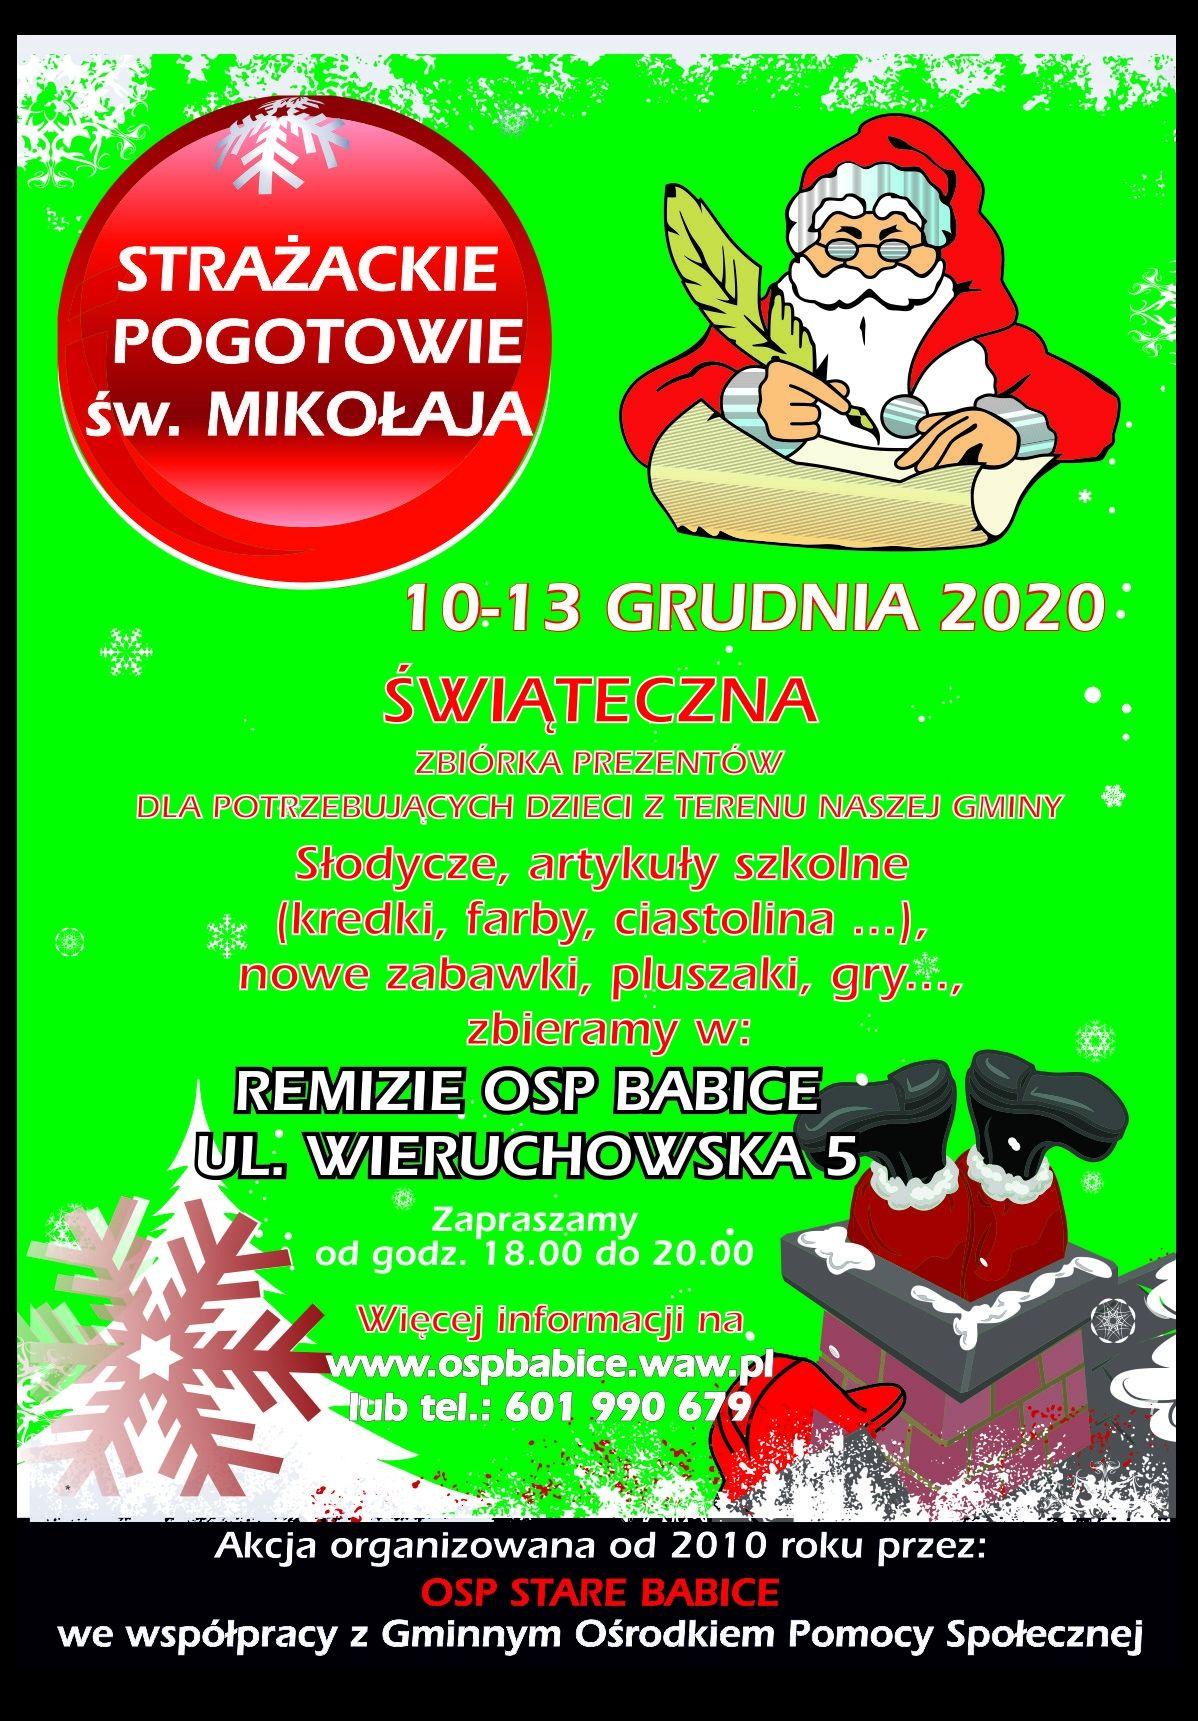 Strażackie Pogotowie św. Mikołaja 2020